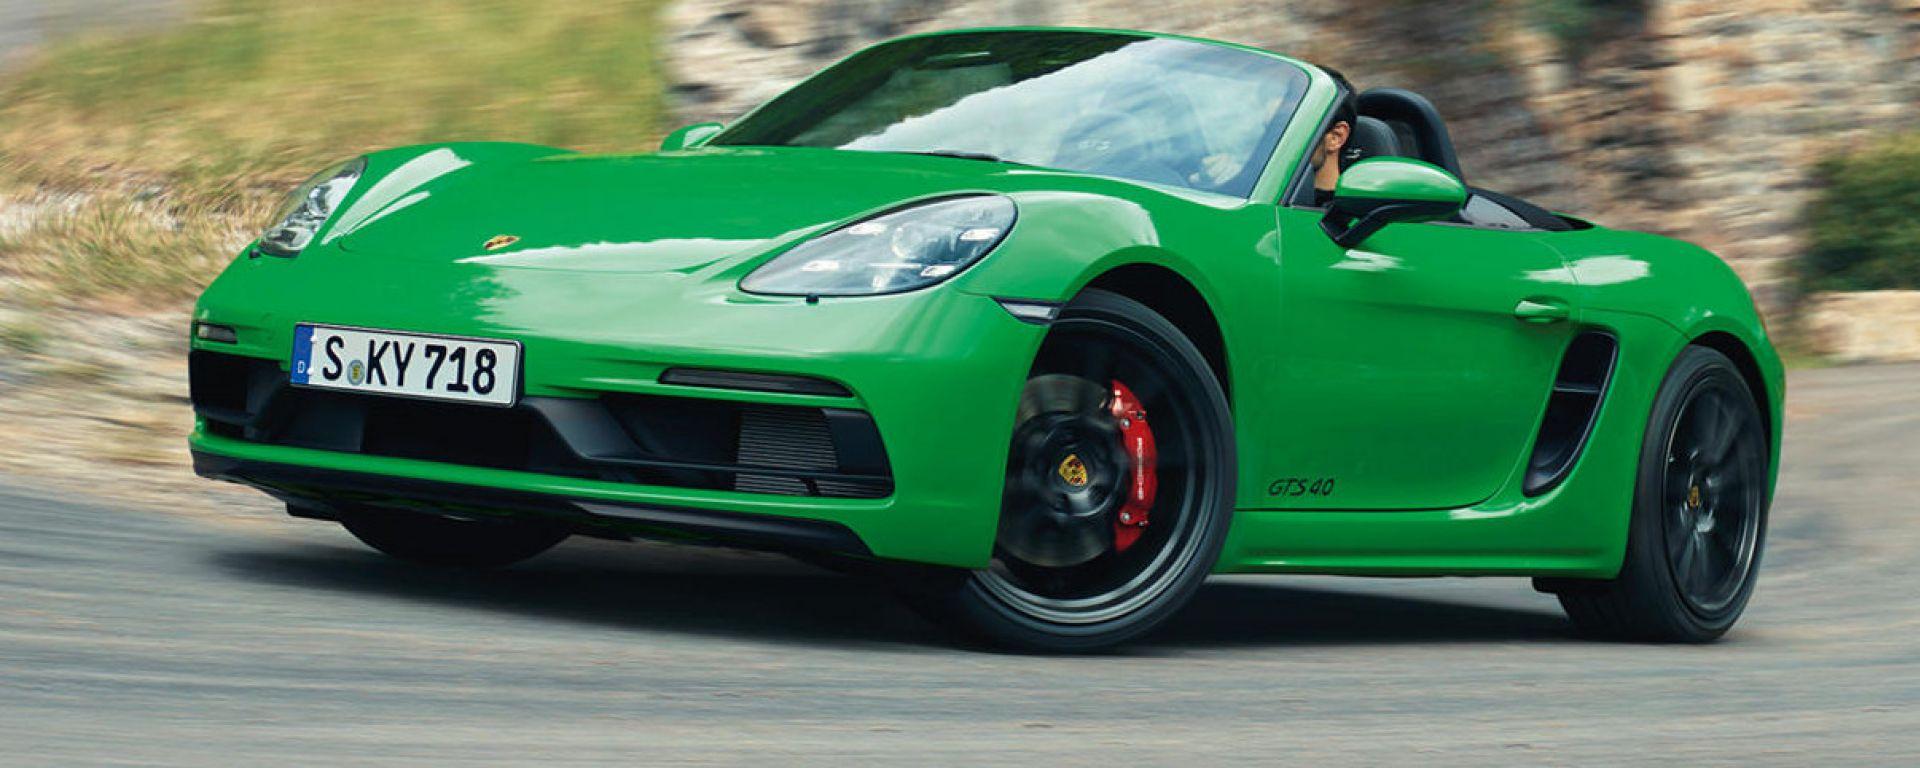 Porsche 718 GTS Boxster 4.0